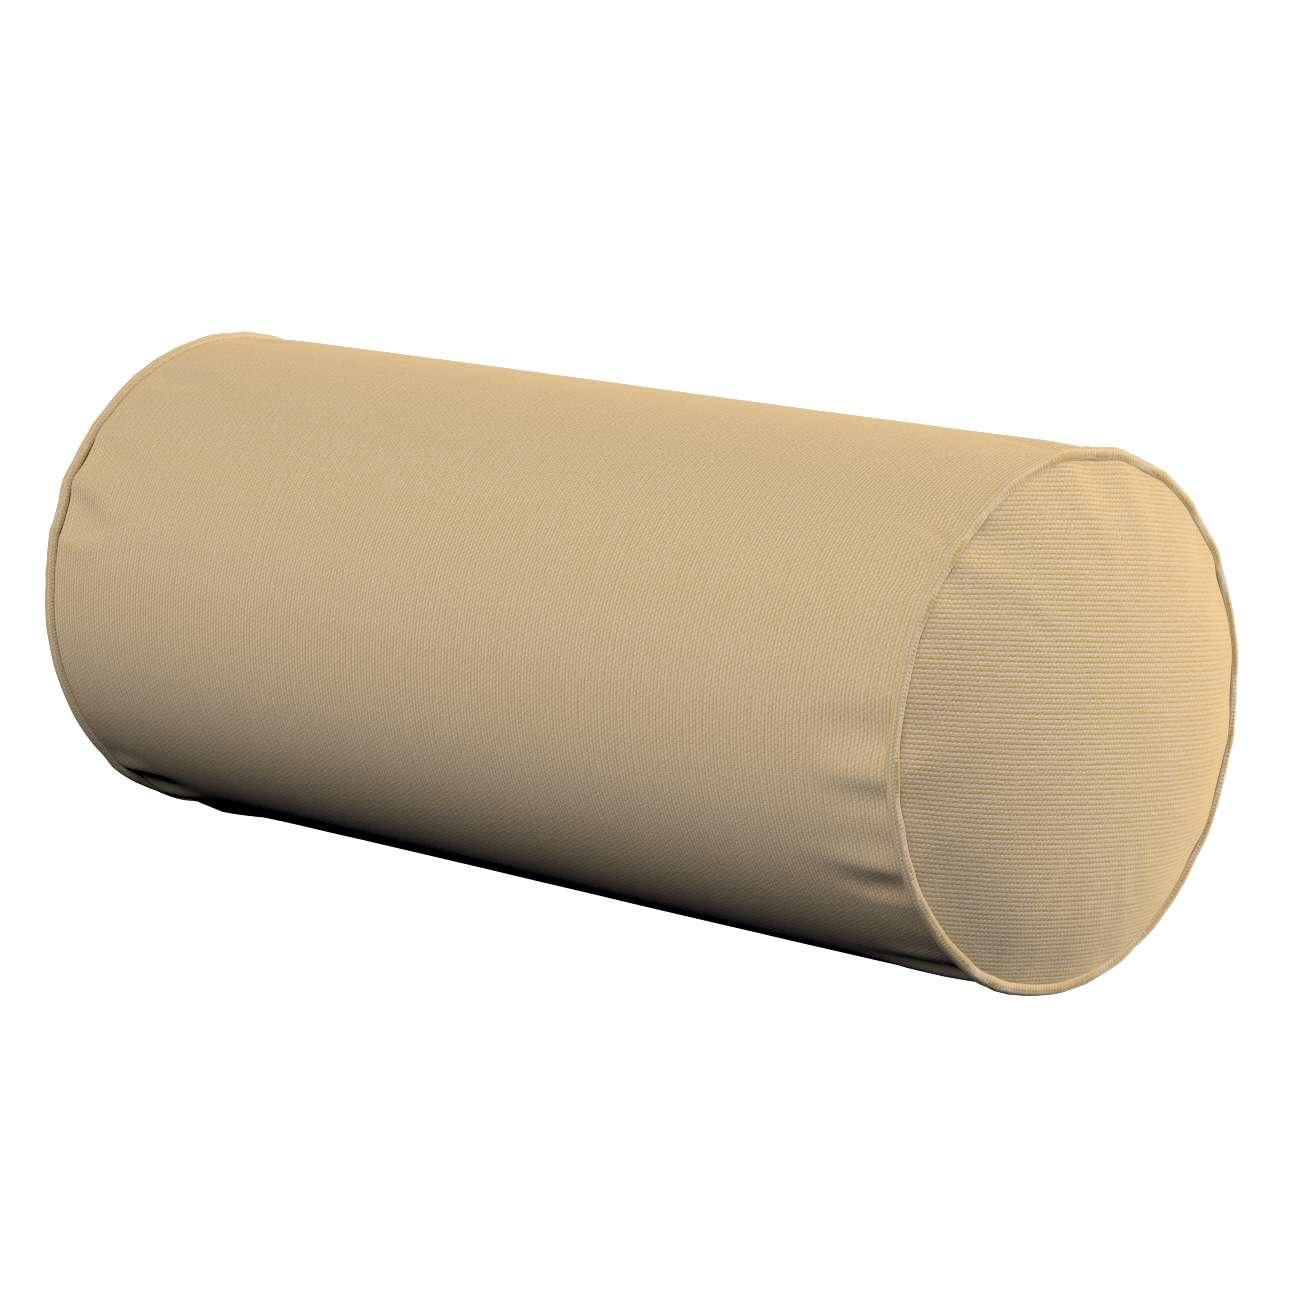 Ritinio formos  pagalvėlė Ø 16 x 40 cm (6 x 16 inch) kolekcijoje Cotton Panama, audinys: 702-01